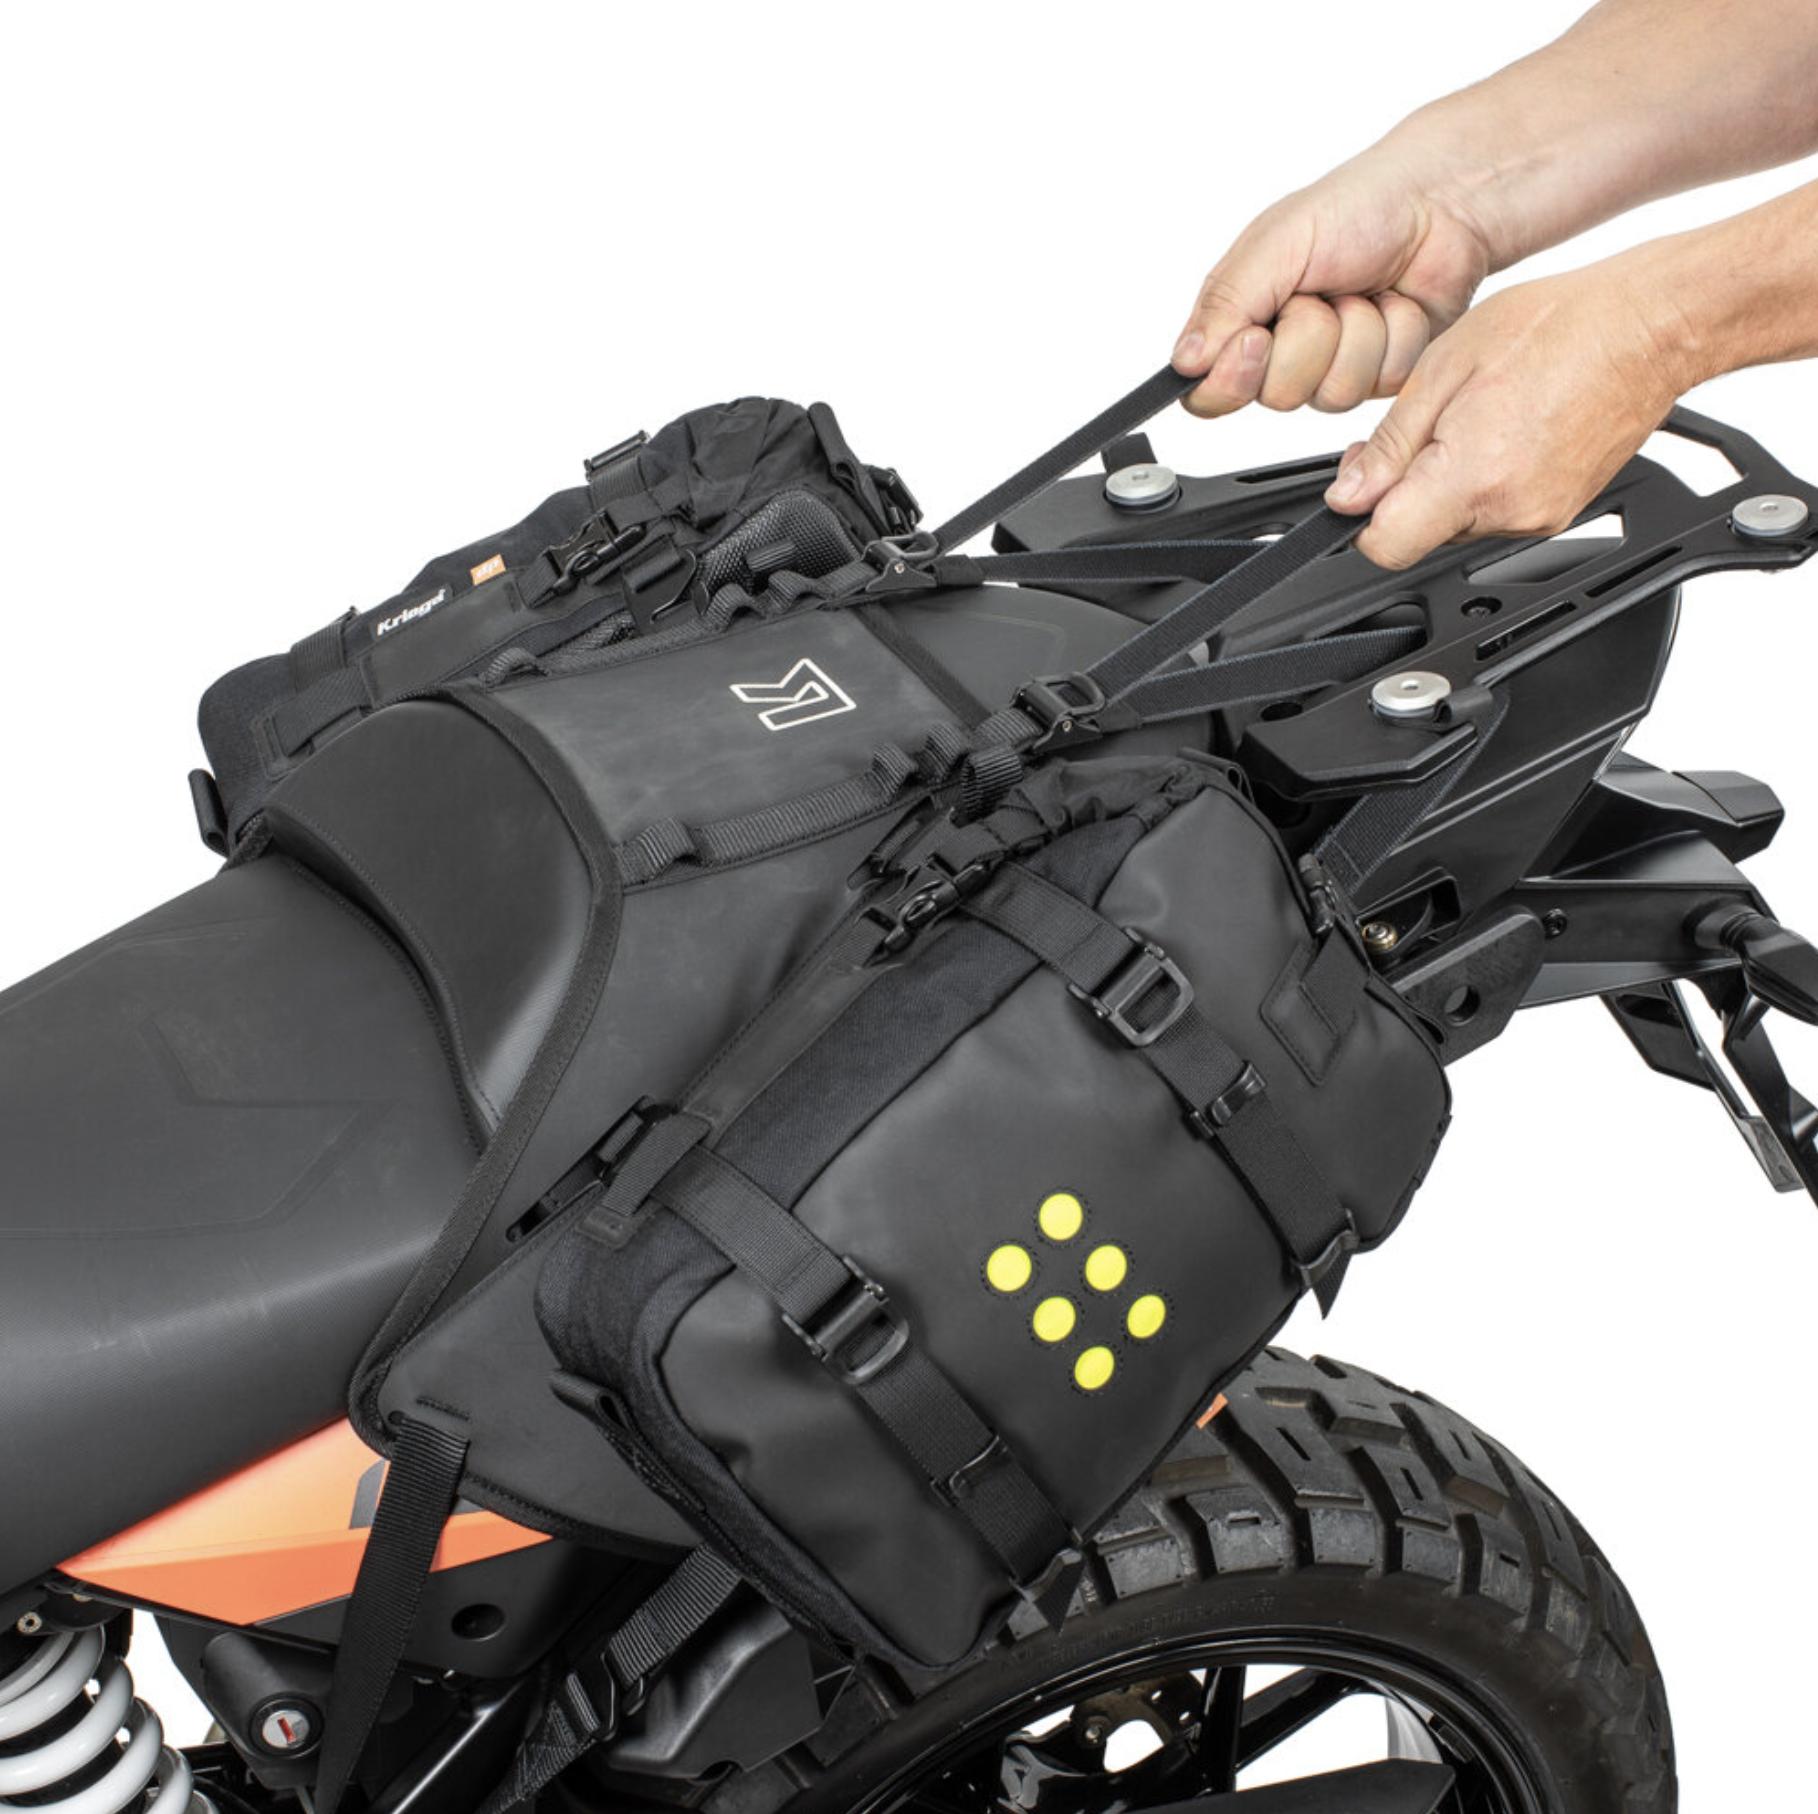 Kriega-OS-Base-KTM-1050-1090-1190-1290-Super-Adventure-Montagesystem-fu-r-OS-Taschen-03